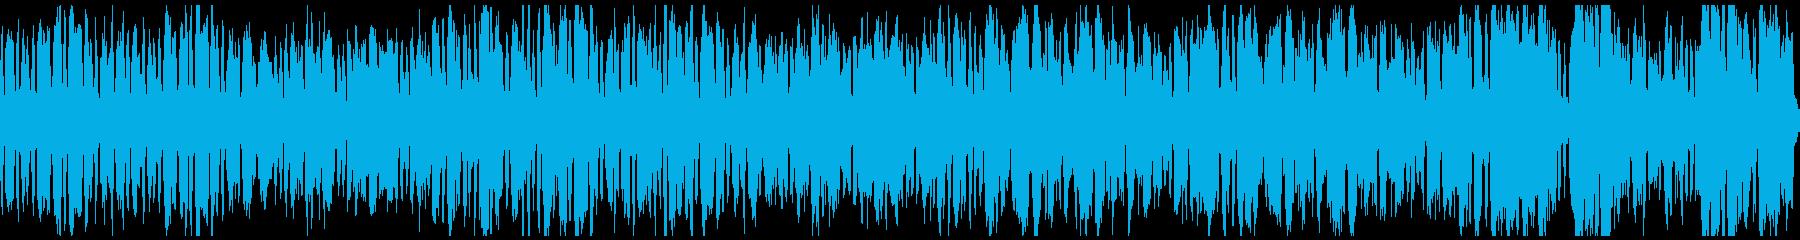 軽快な金管五重奏・ループの再生済みの波形